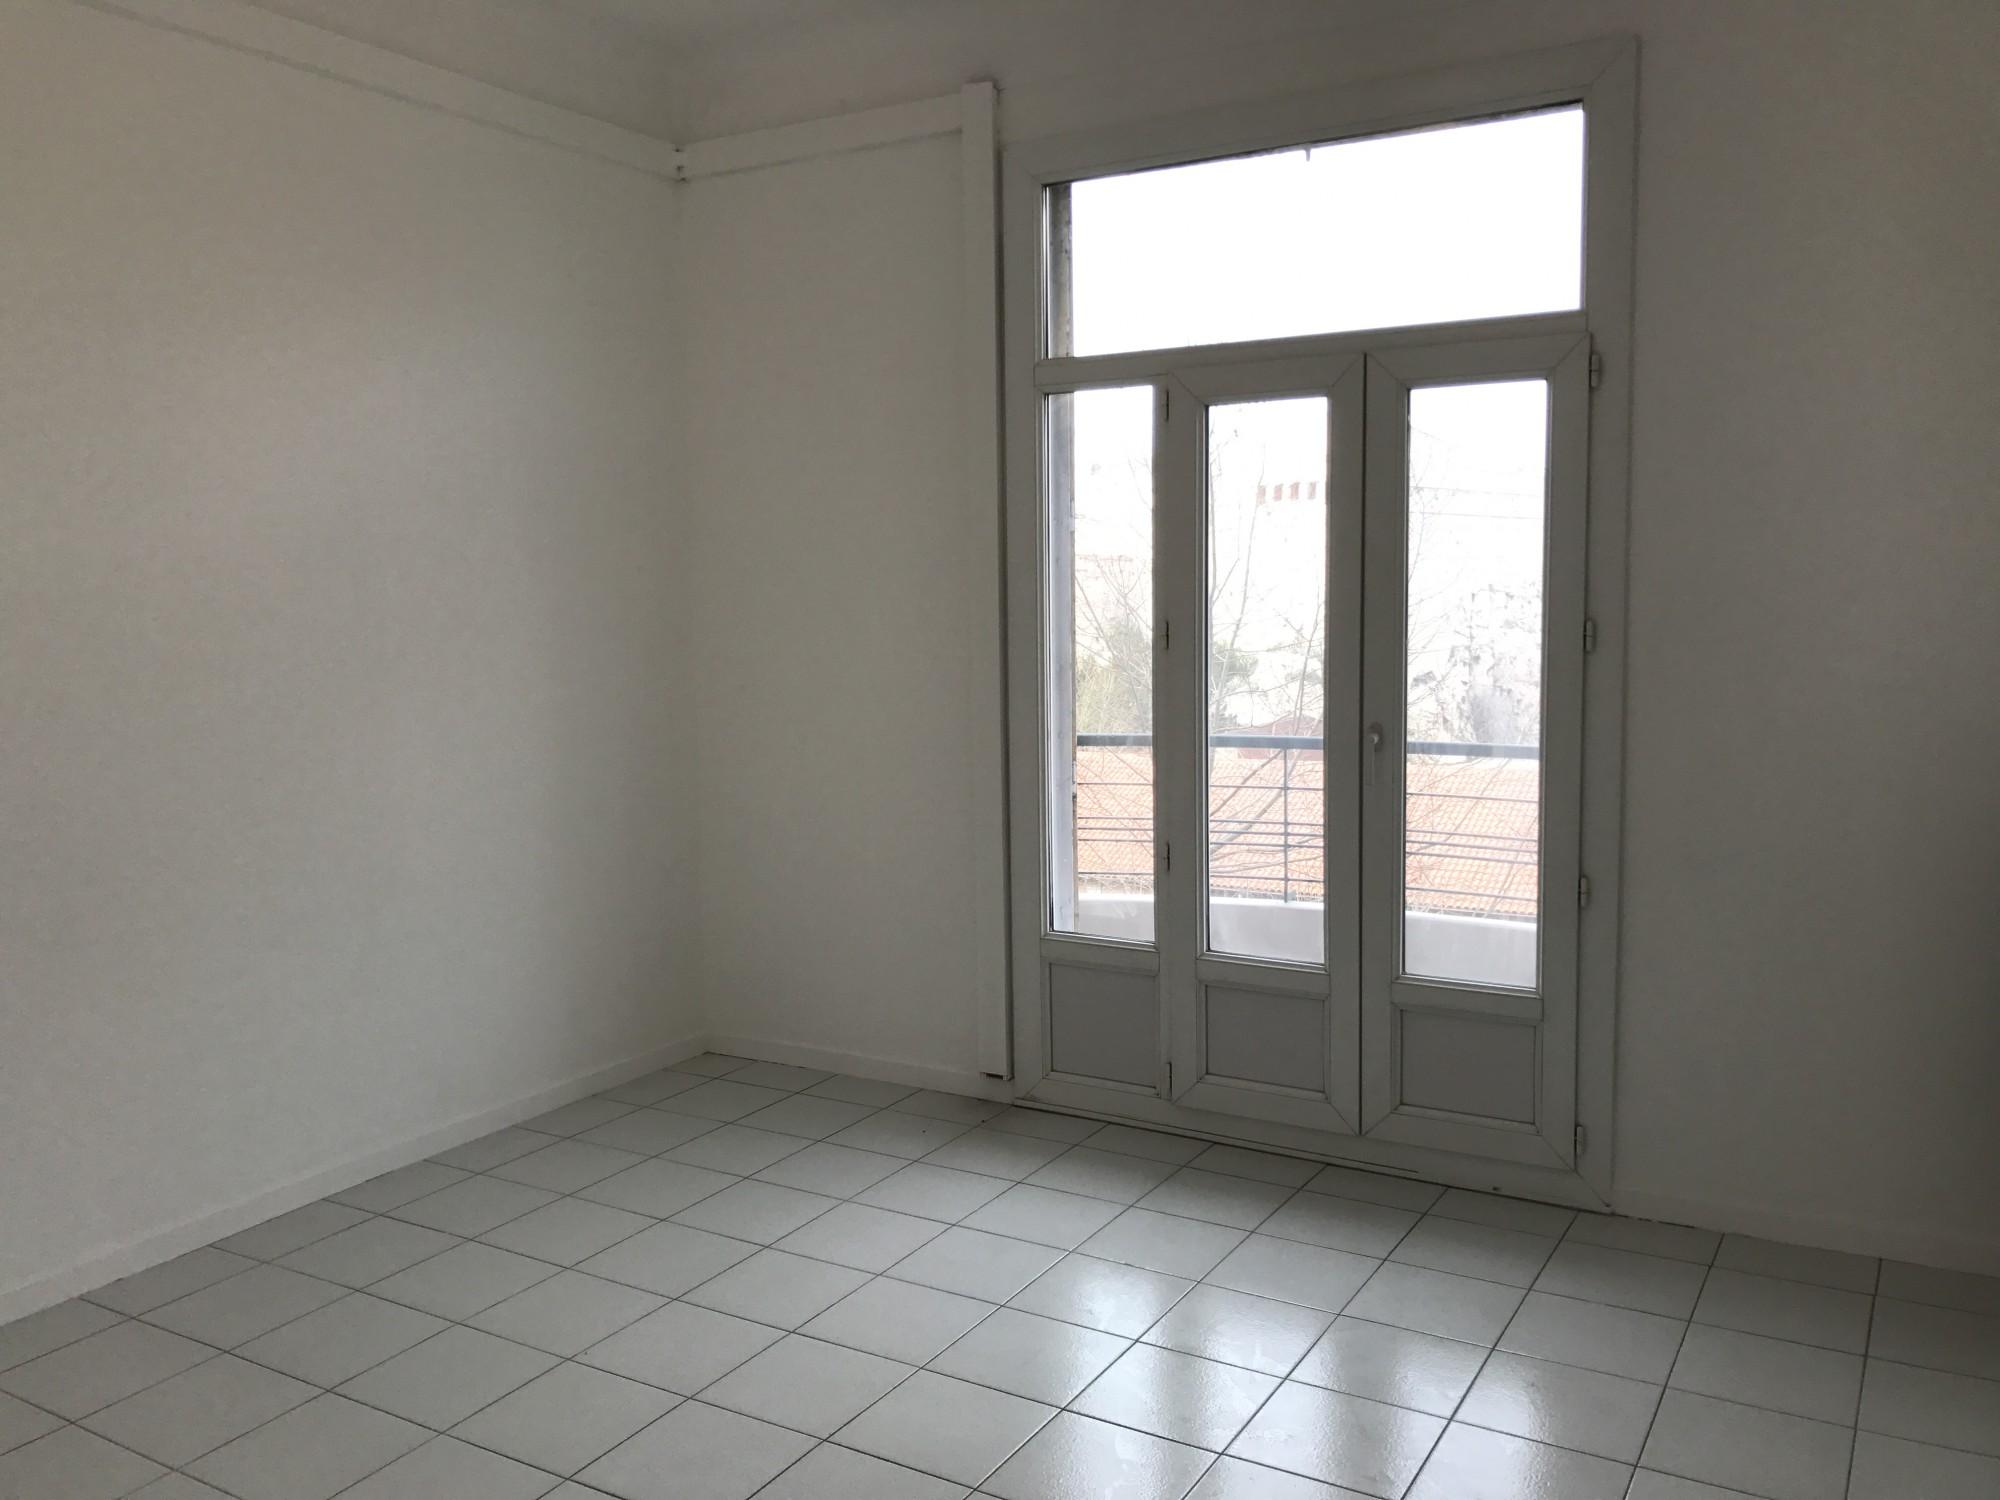 Location APPARTEMENT T3 -13007 - Quartier St Victor, avenue de la Corse - balcon sud, ascenseur, double vitrage, cave ...